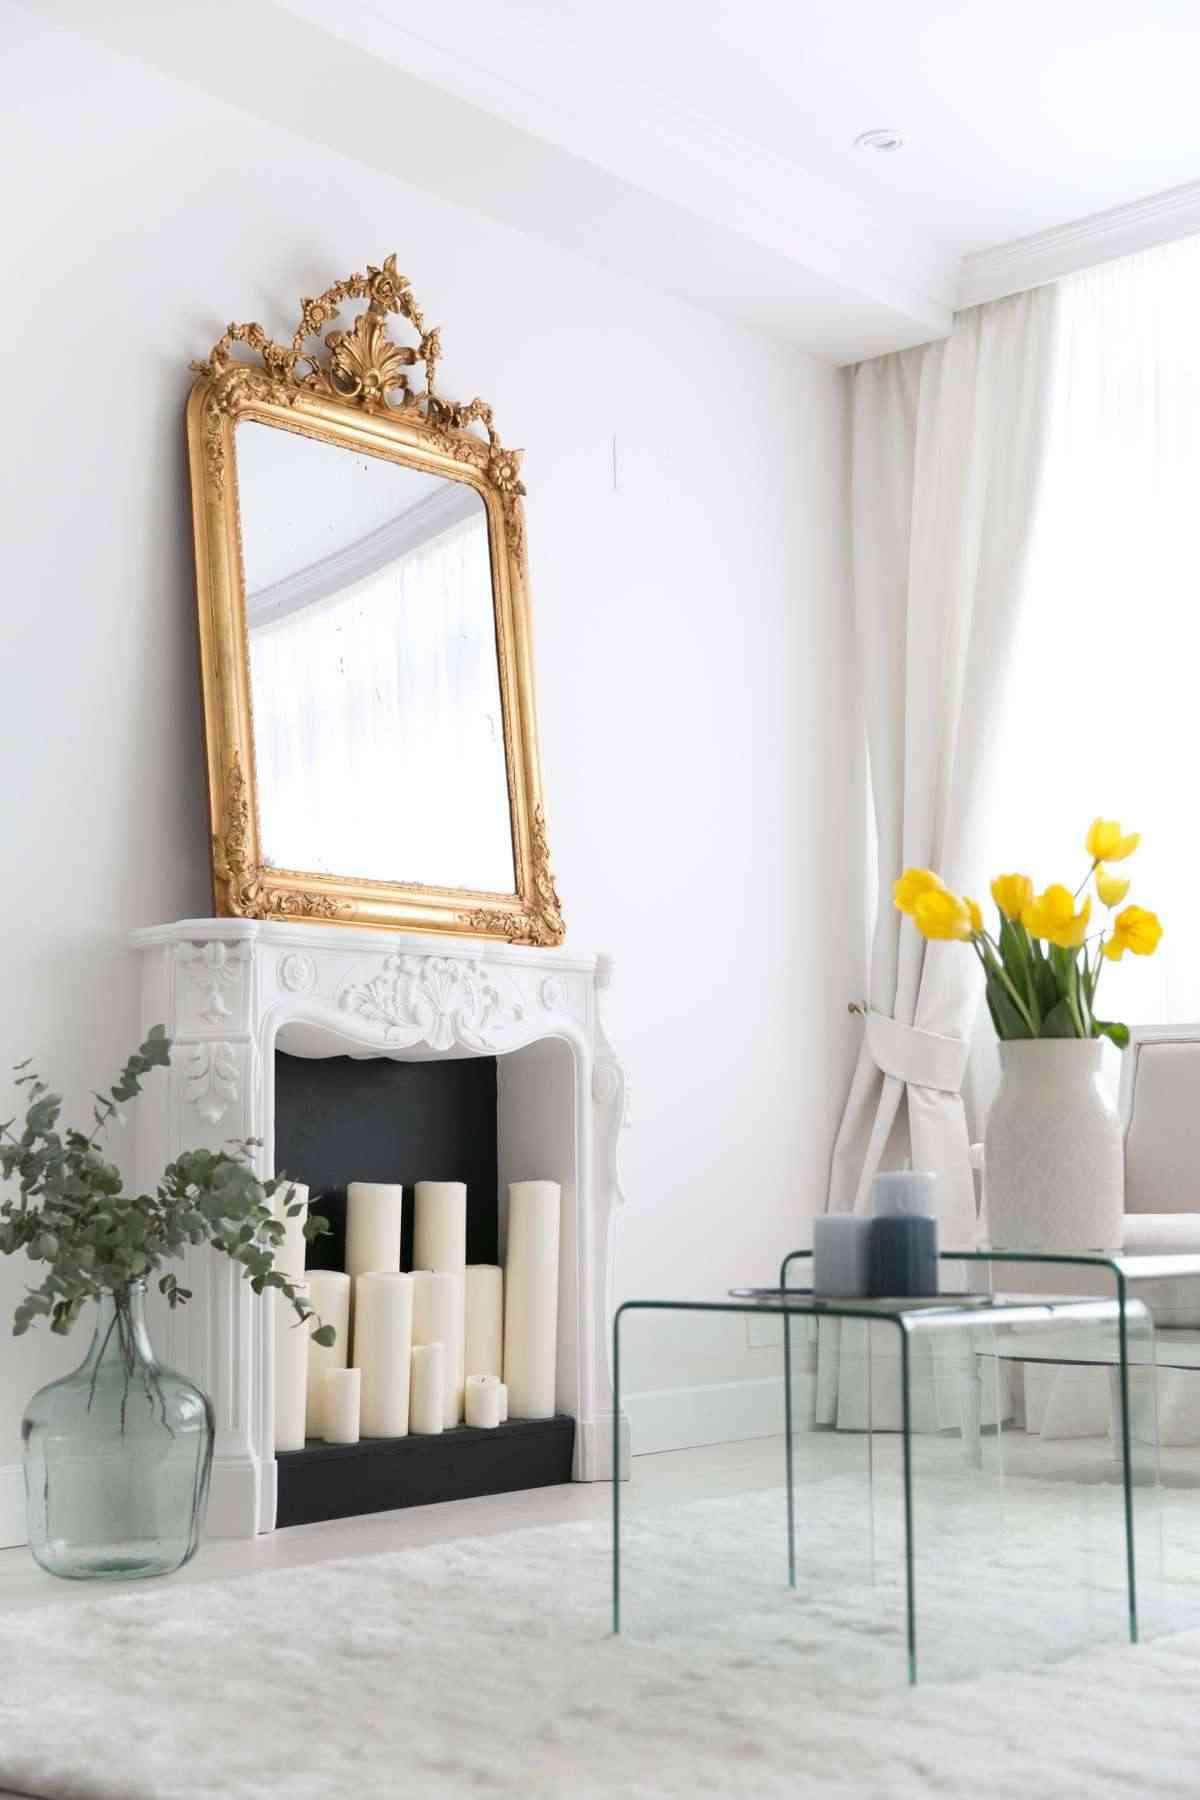 020 habitación decorada por Vintage Hunter para con dos tacones